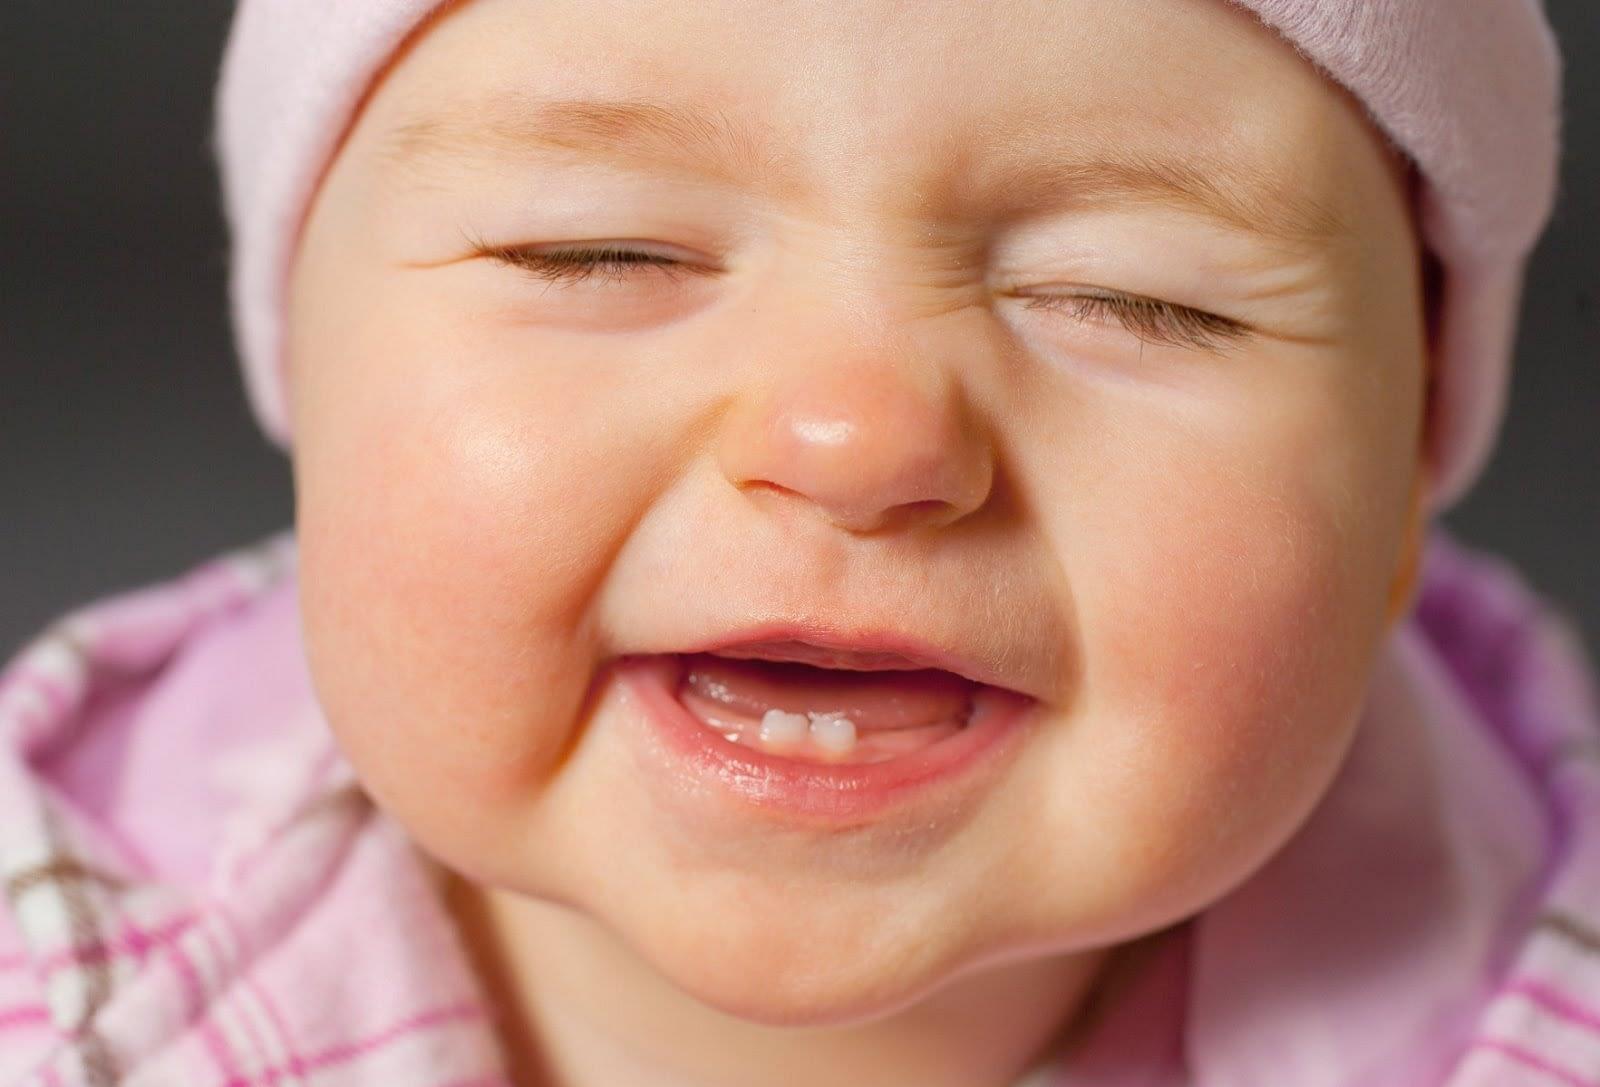 الأسنان اللبنية, عدد الأسنان اللبنية ومتى تُستبدل